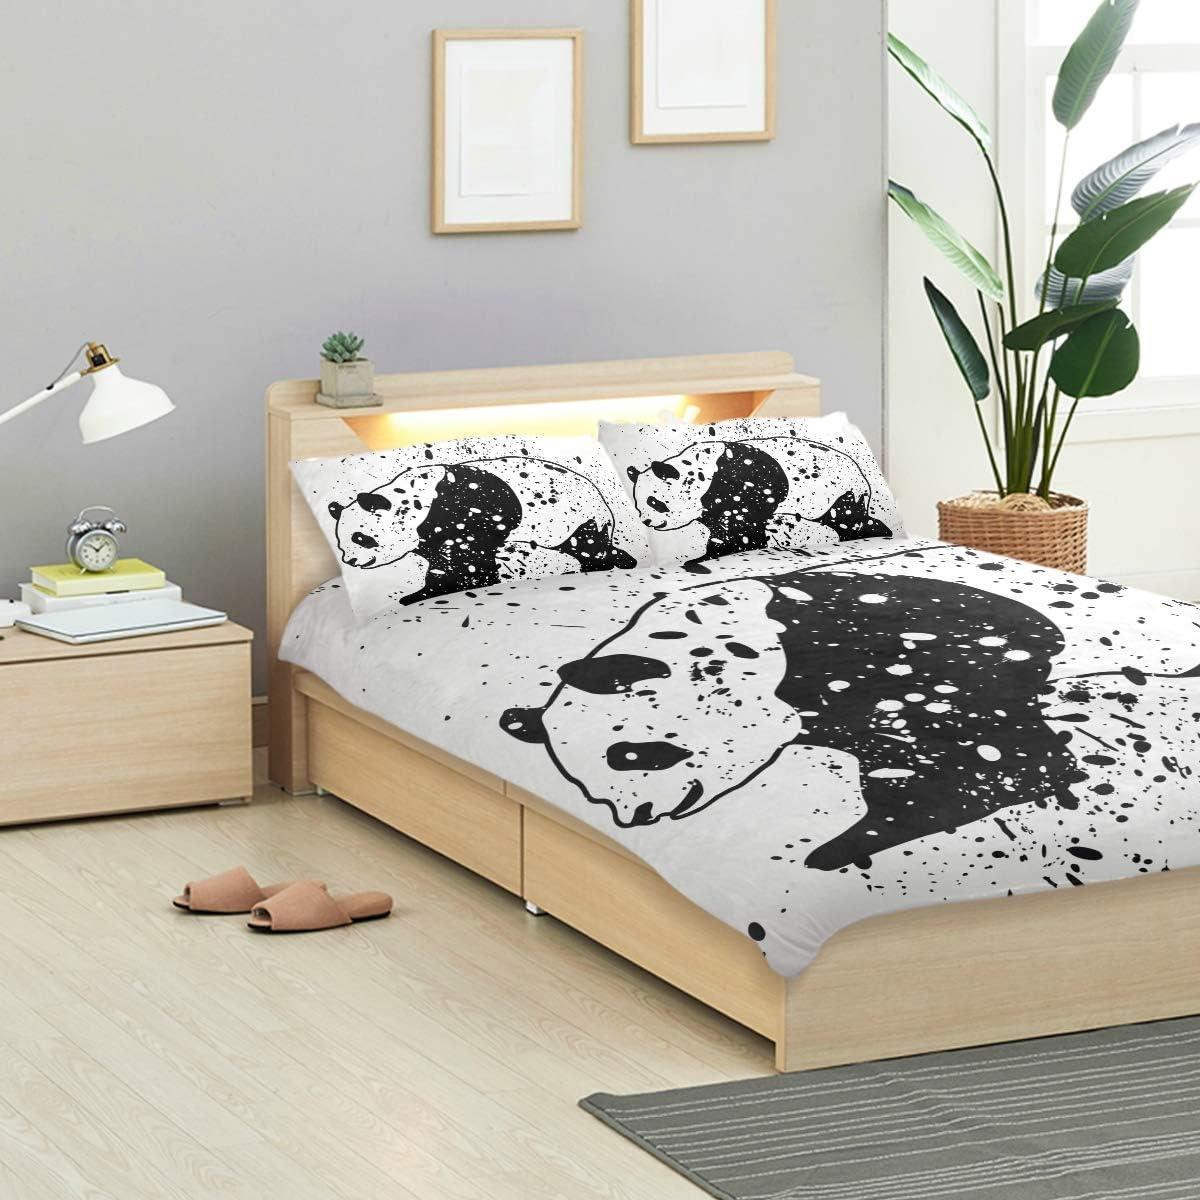 Bennifiry Parure de lit 3 pièces avec Housse de Couette et 2 taies d'oreiller en Coton lavé Bleu et Blanc, Multi#001, Taille Unique Multi#004